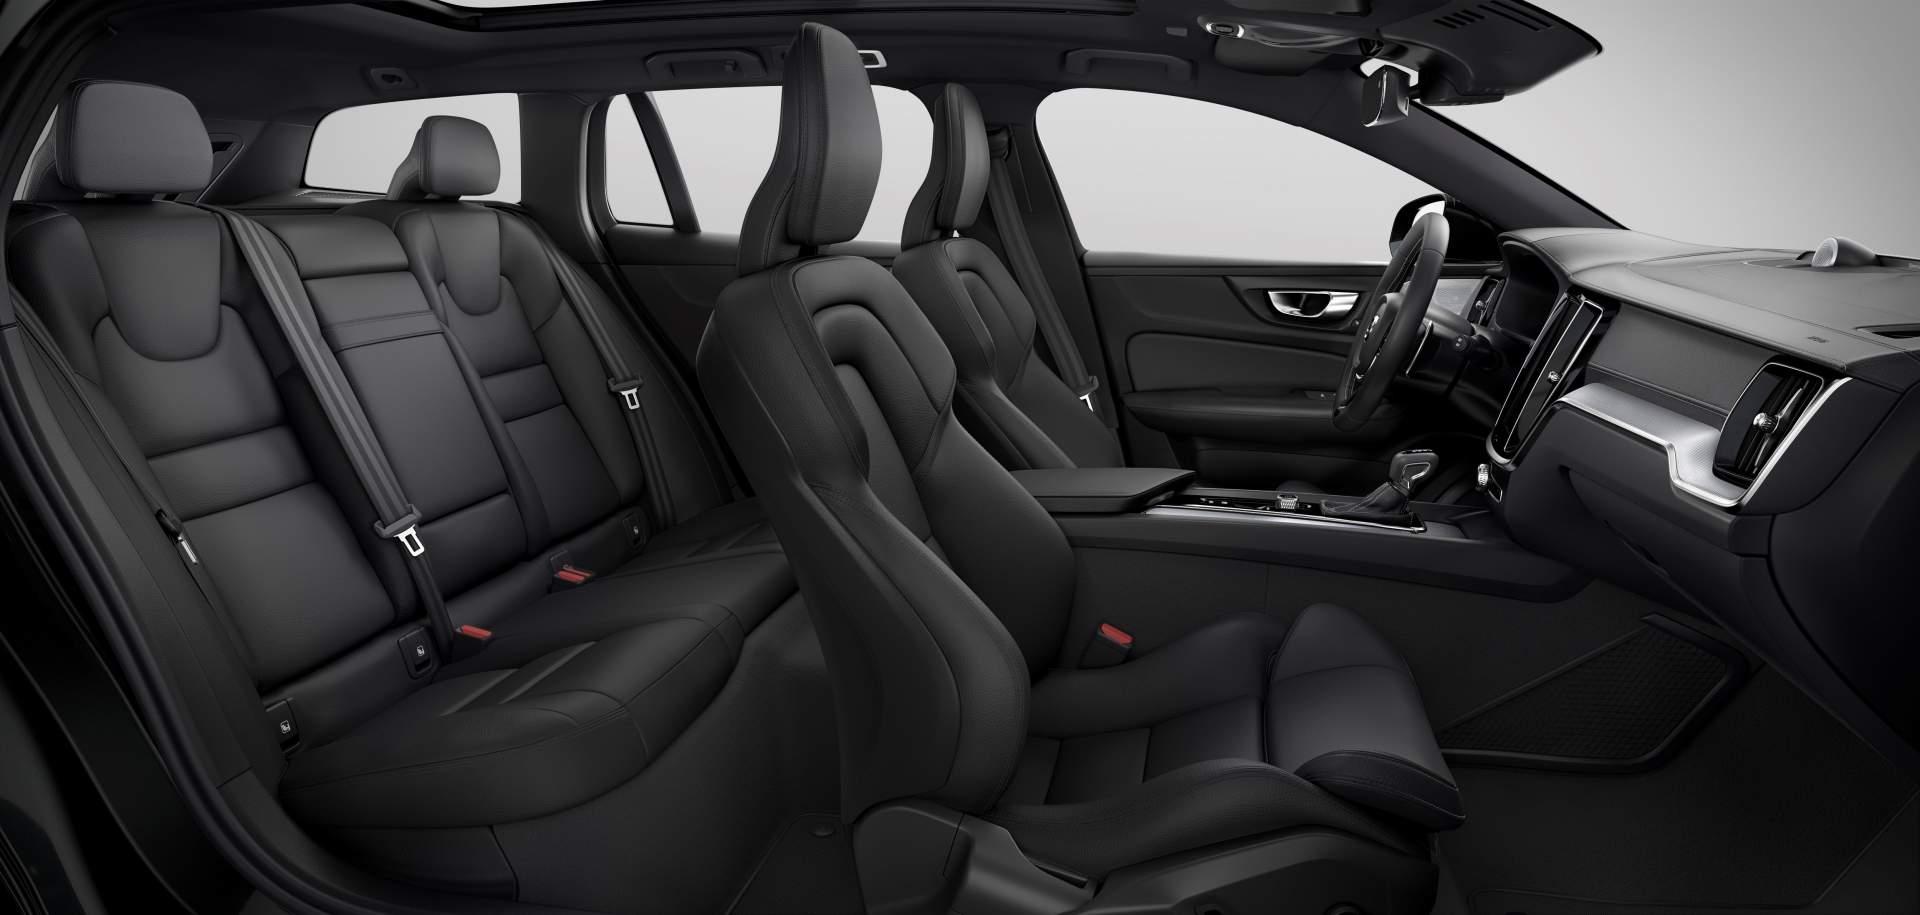 وولو V60 اوایل سال 2019 وارد بازار آمریکا میشود +تصاویر